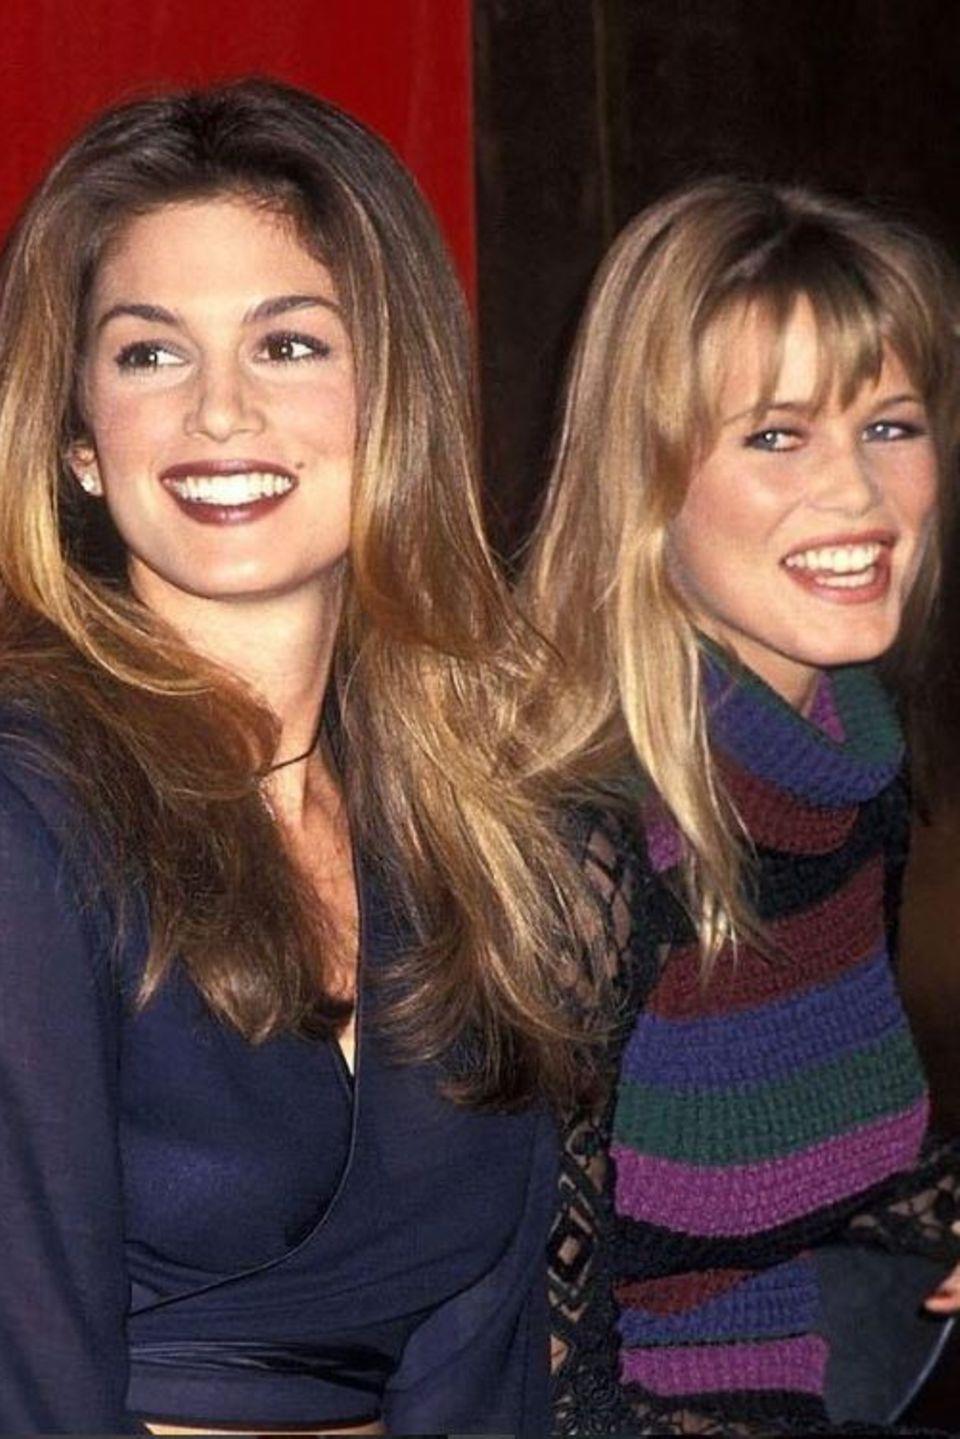 Cindy Crawford und Claudia Schiffer  Aus harten Modekonkurrentinnen sind gute Freundinnen geworden: Mit diesem Throwback-Foto gratuliert Cindy Crawford ihrer Freundin Claudia Schiffer zum Geburtstag.